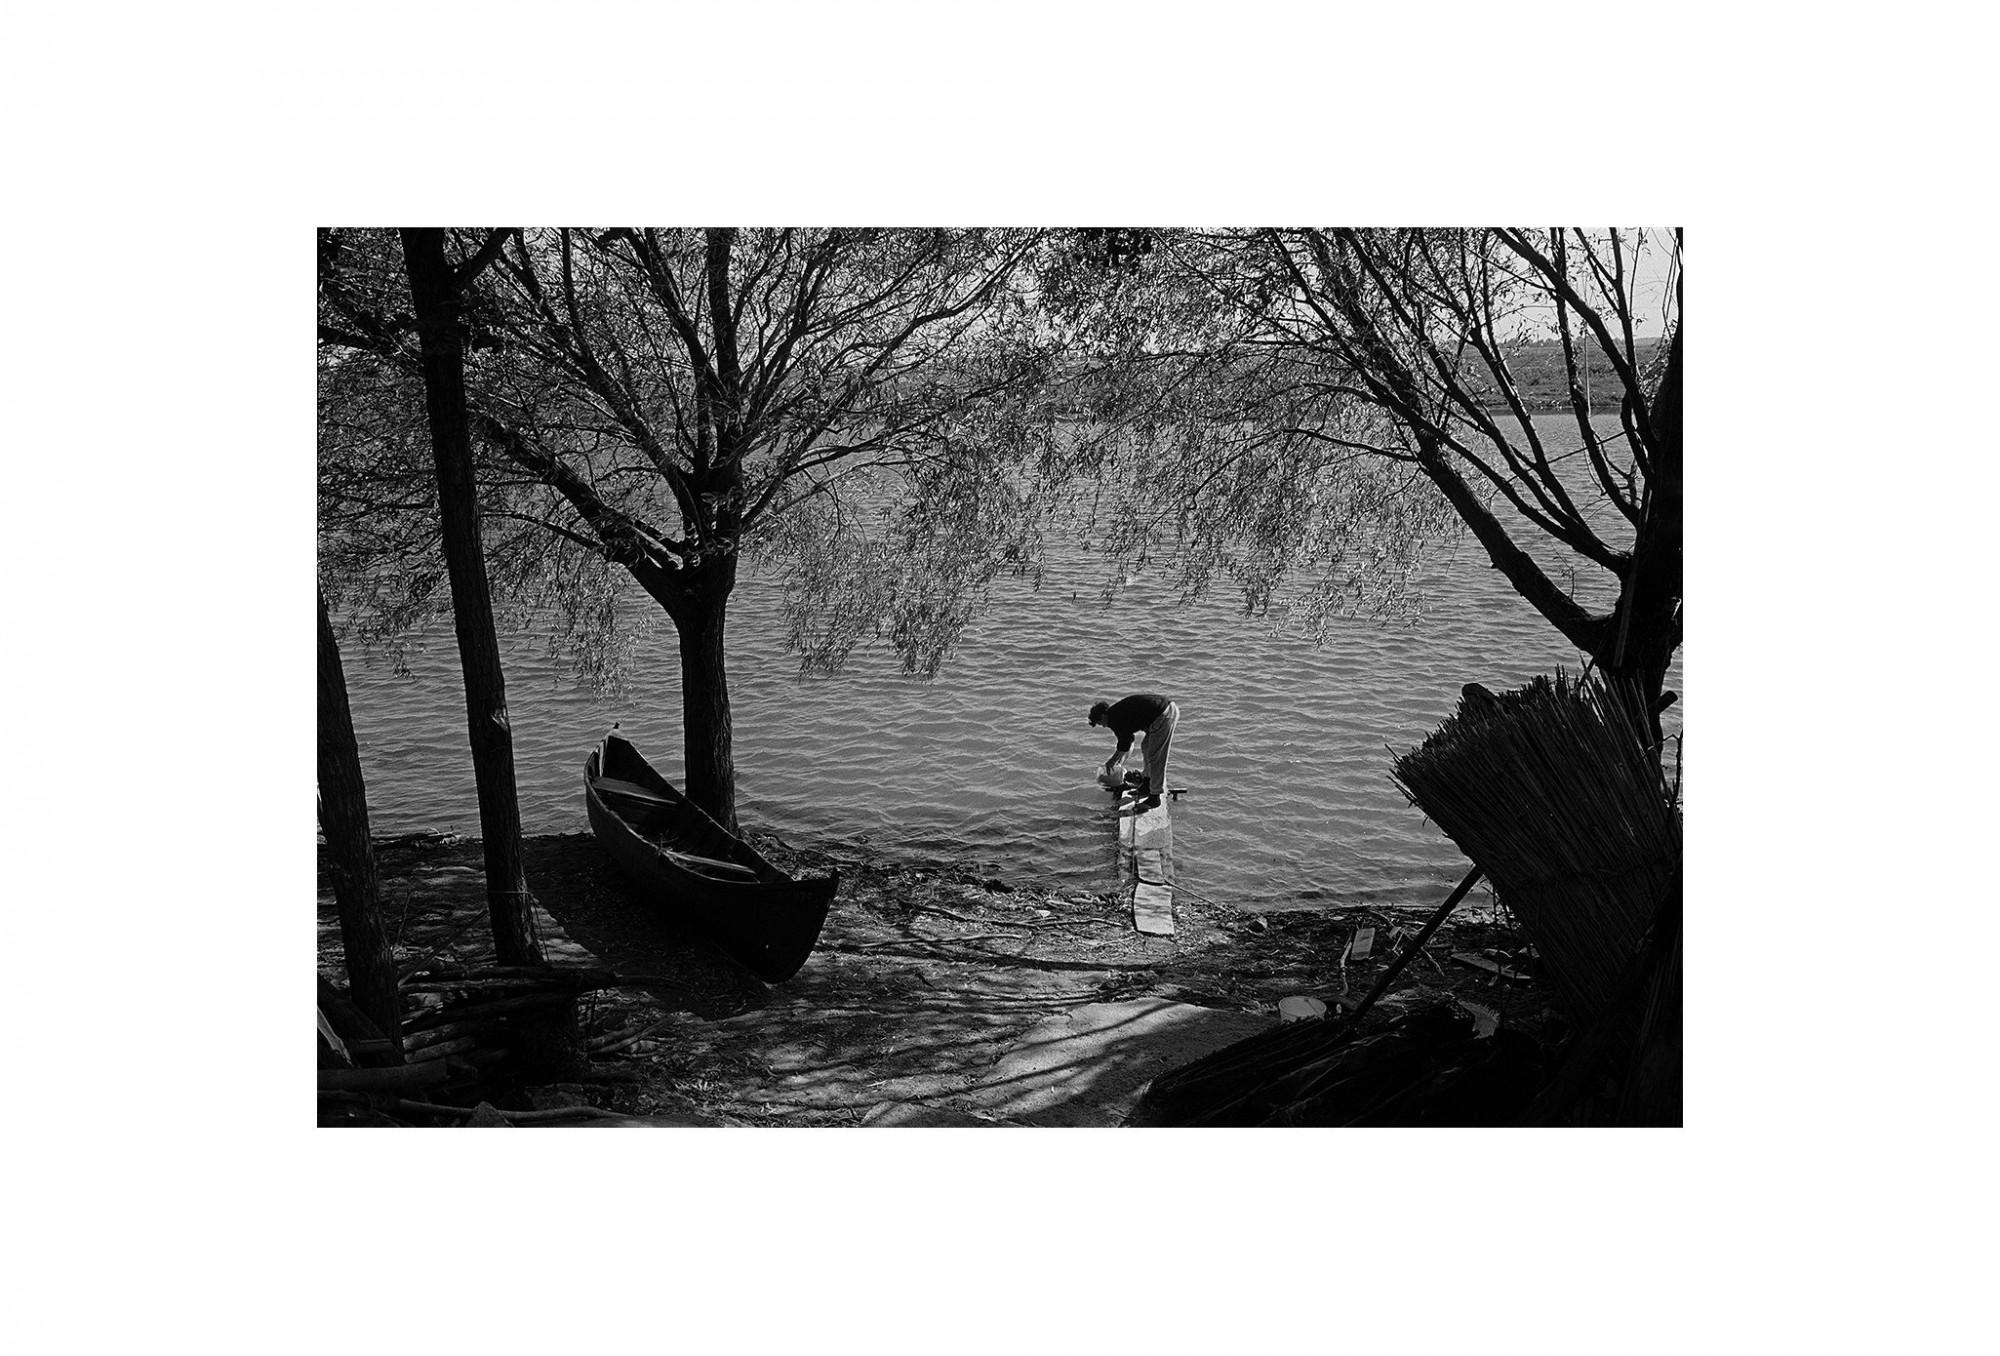 Afbeelding: Fotokunst Dominique Van Huffel, uit de reeks: Waar de sterre bleef stille staan. Milo 23, Roemenië.